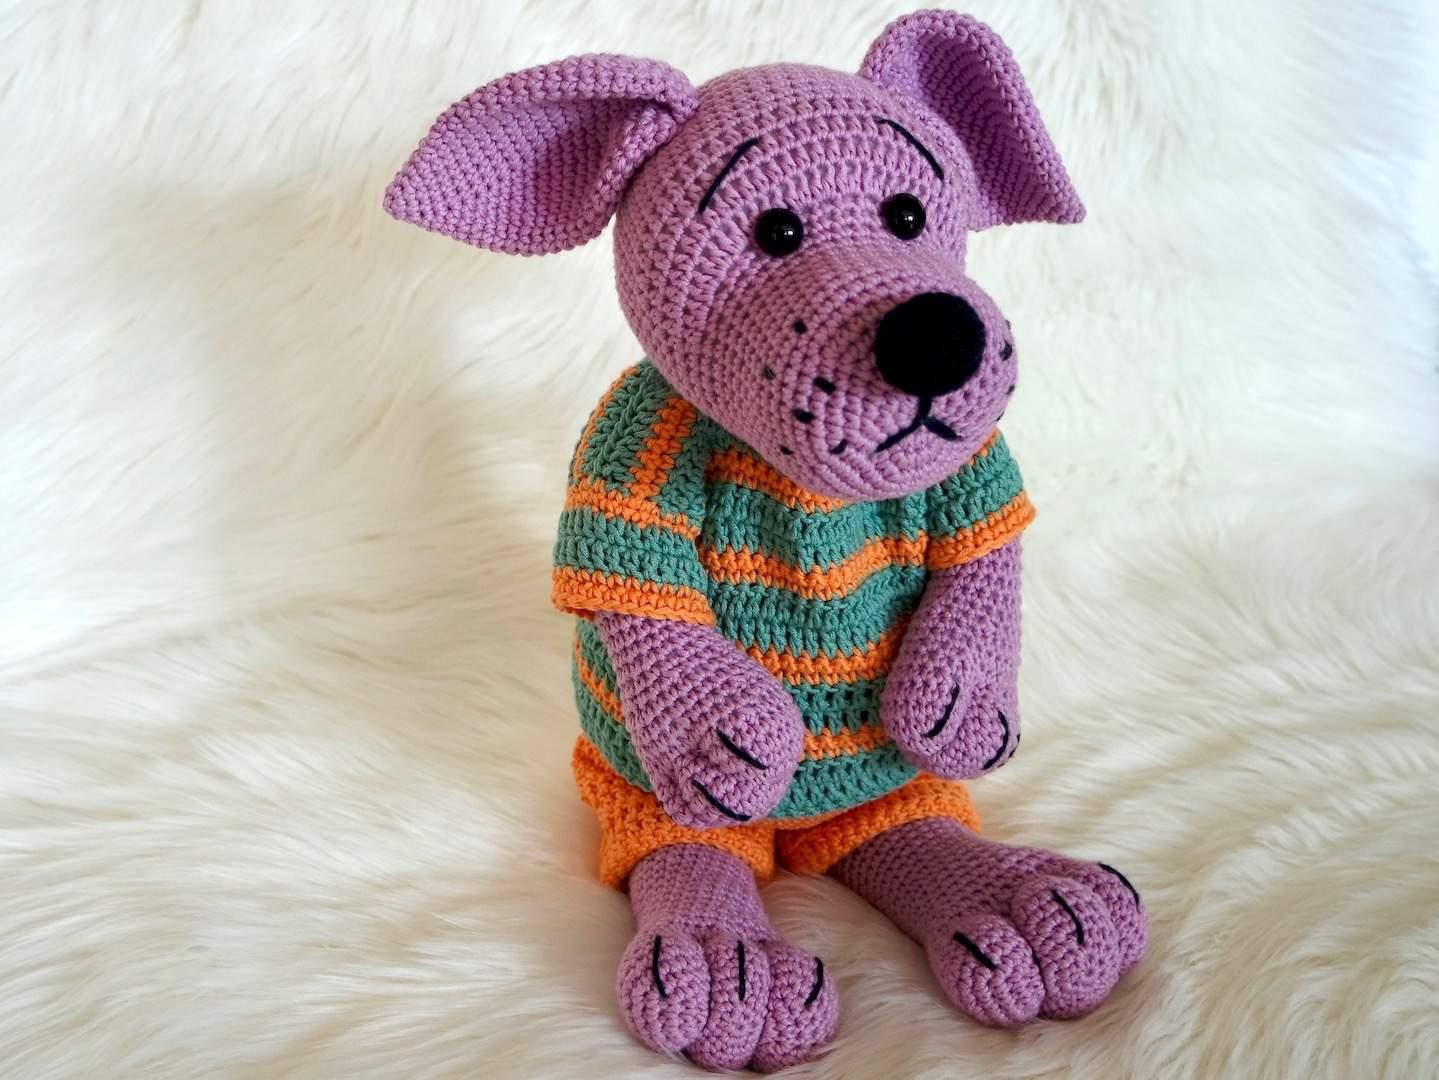 Amigurumi Anleitung Hund : Anleitung zum häkeln einer katze auch amigurumi mit schritt für